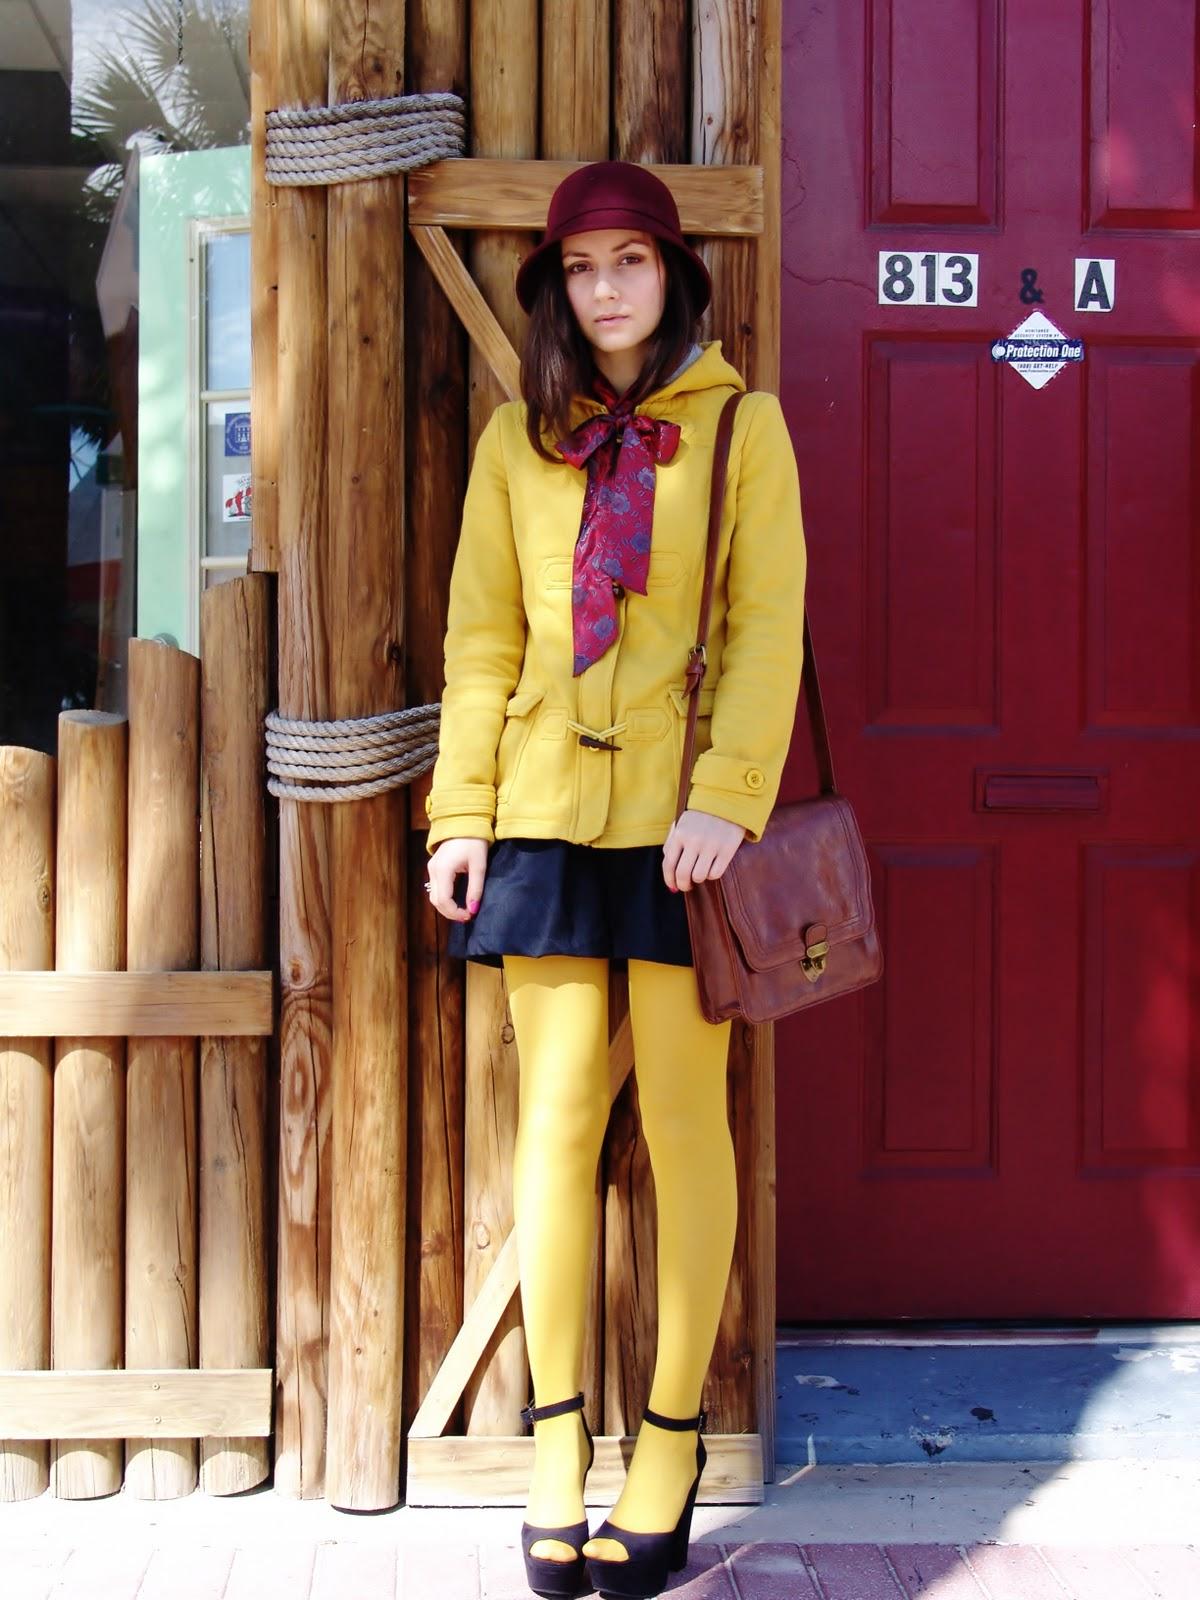 style salt: Mustard Tights and Peep Toe Heels